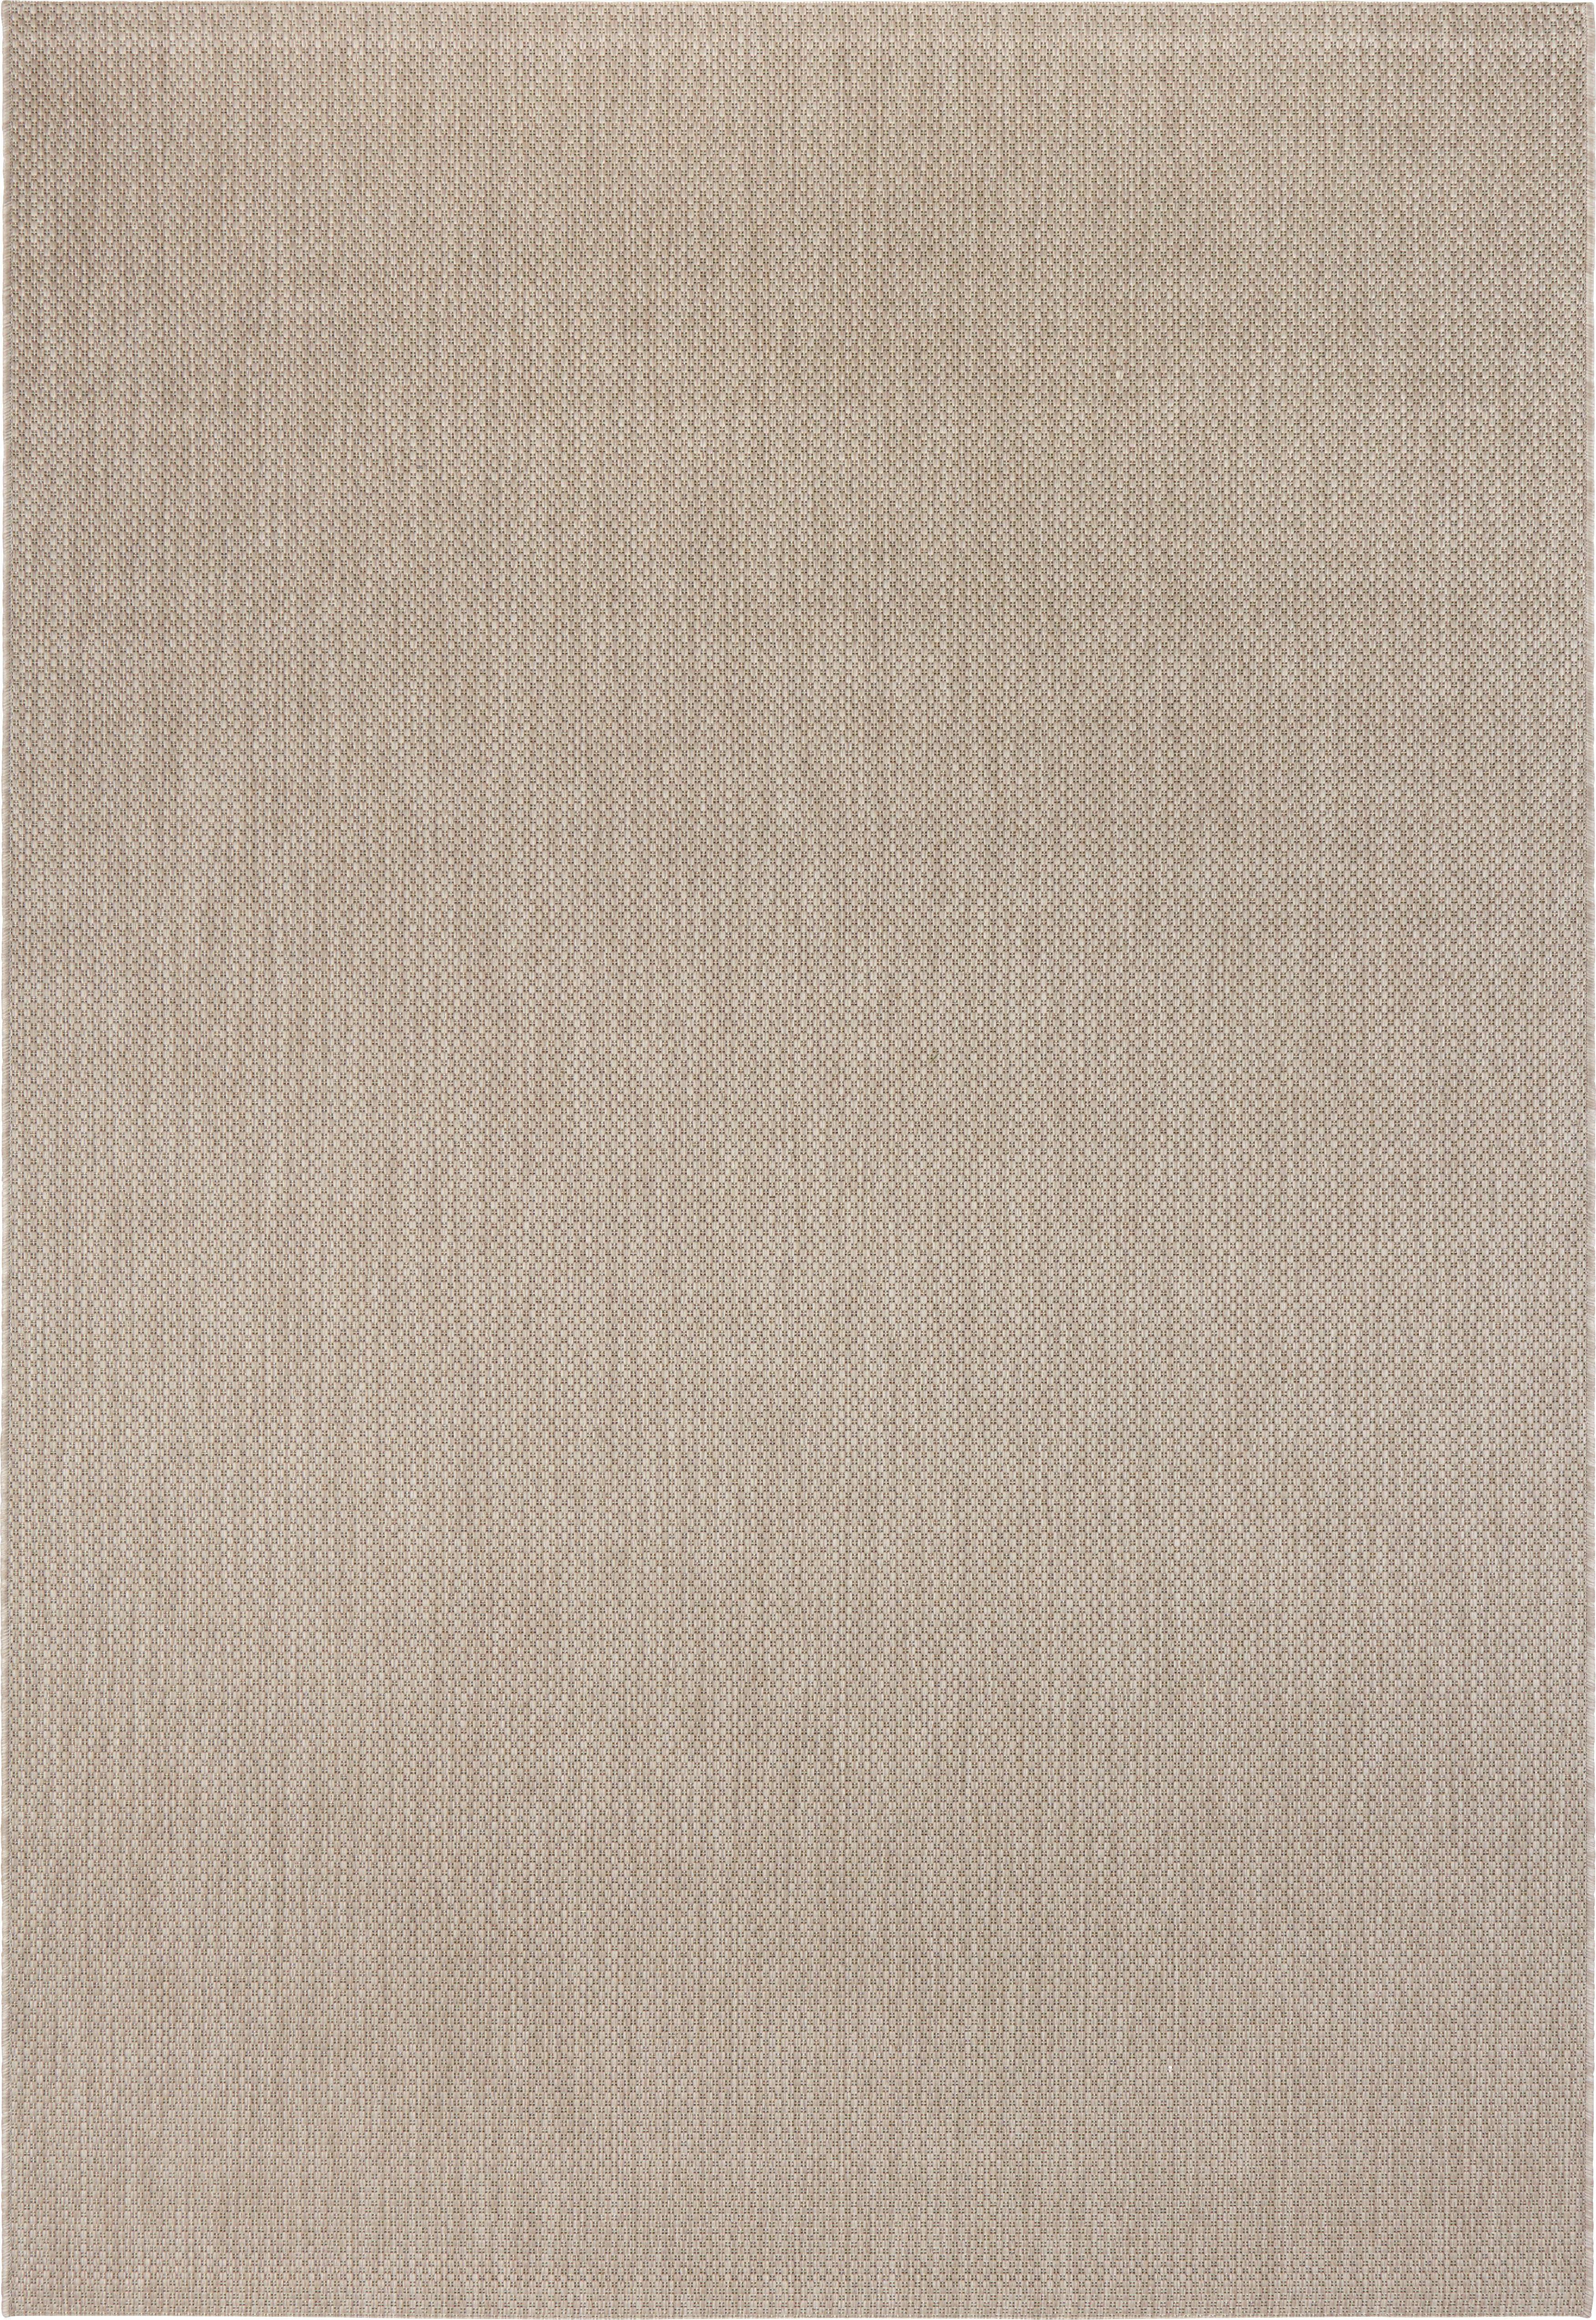 FLATVÄVD MATTA - mullvadsfärgad/gråbrun, Klassisk, textil (160/230cm) - Boxxx